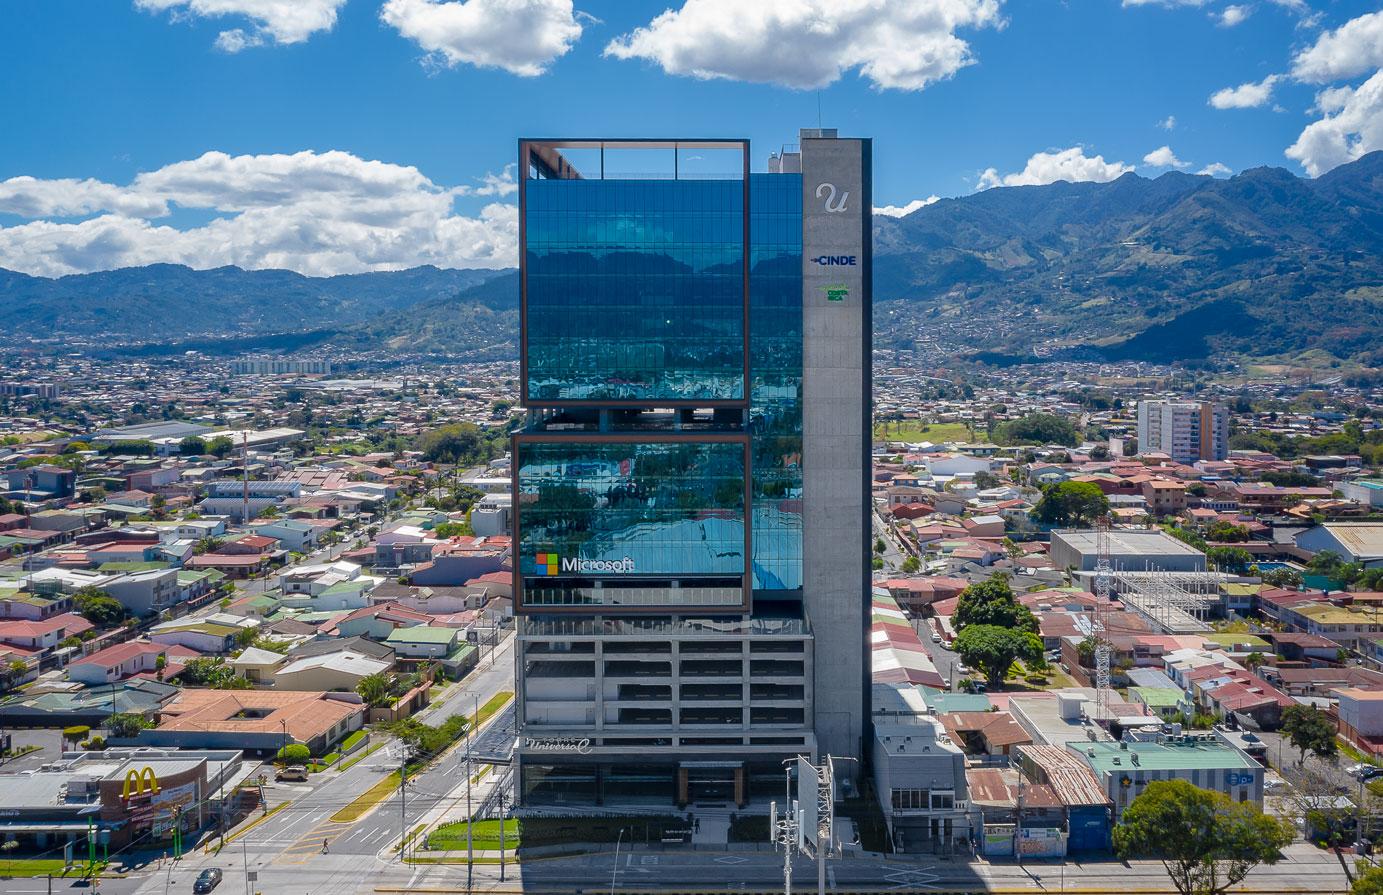 NEGOCIOSRESPONSABILIZARSE TORRE UNIVERSAL, UN PROYECTO CREADO CON CONCIENCIA AMBIENTAL EN COSTA RICA